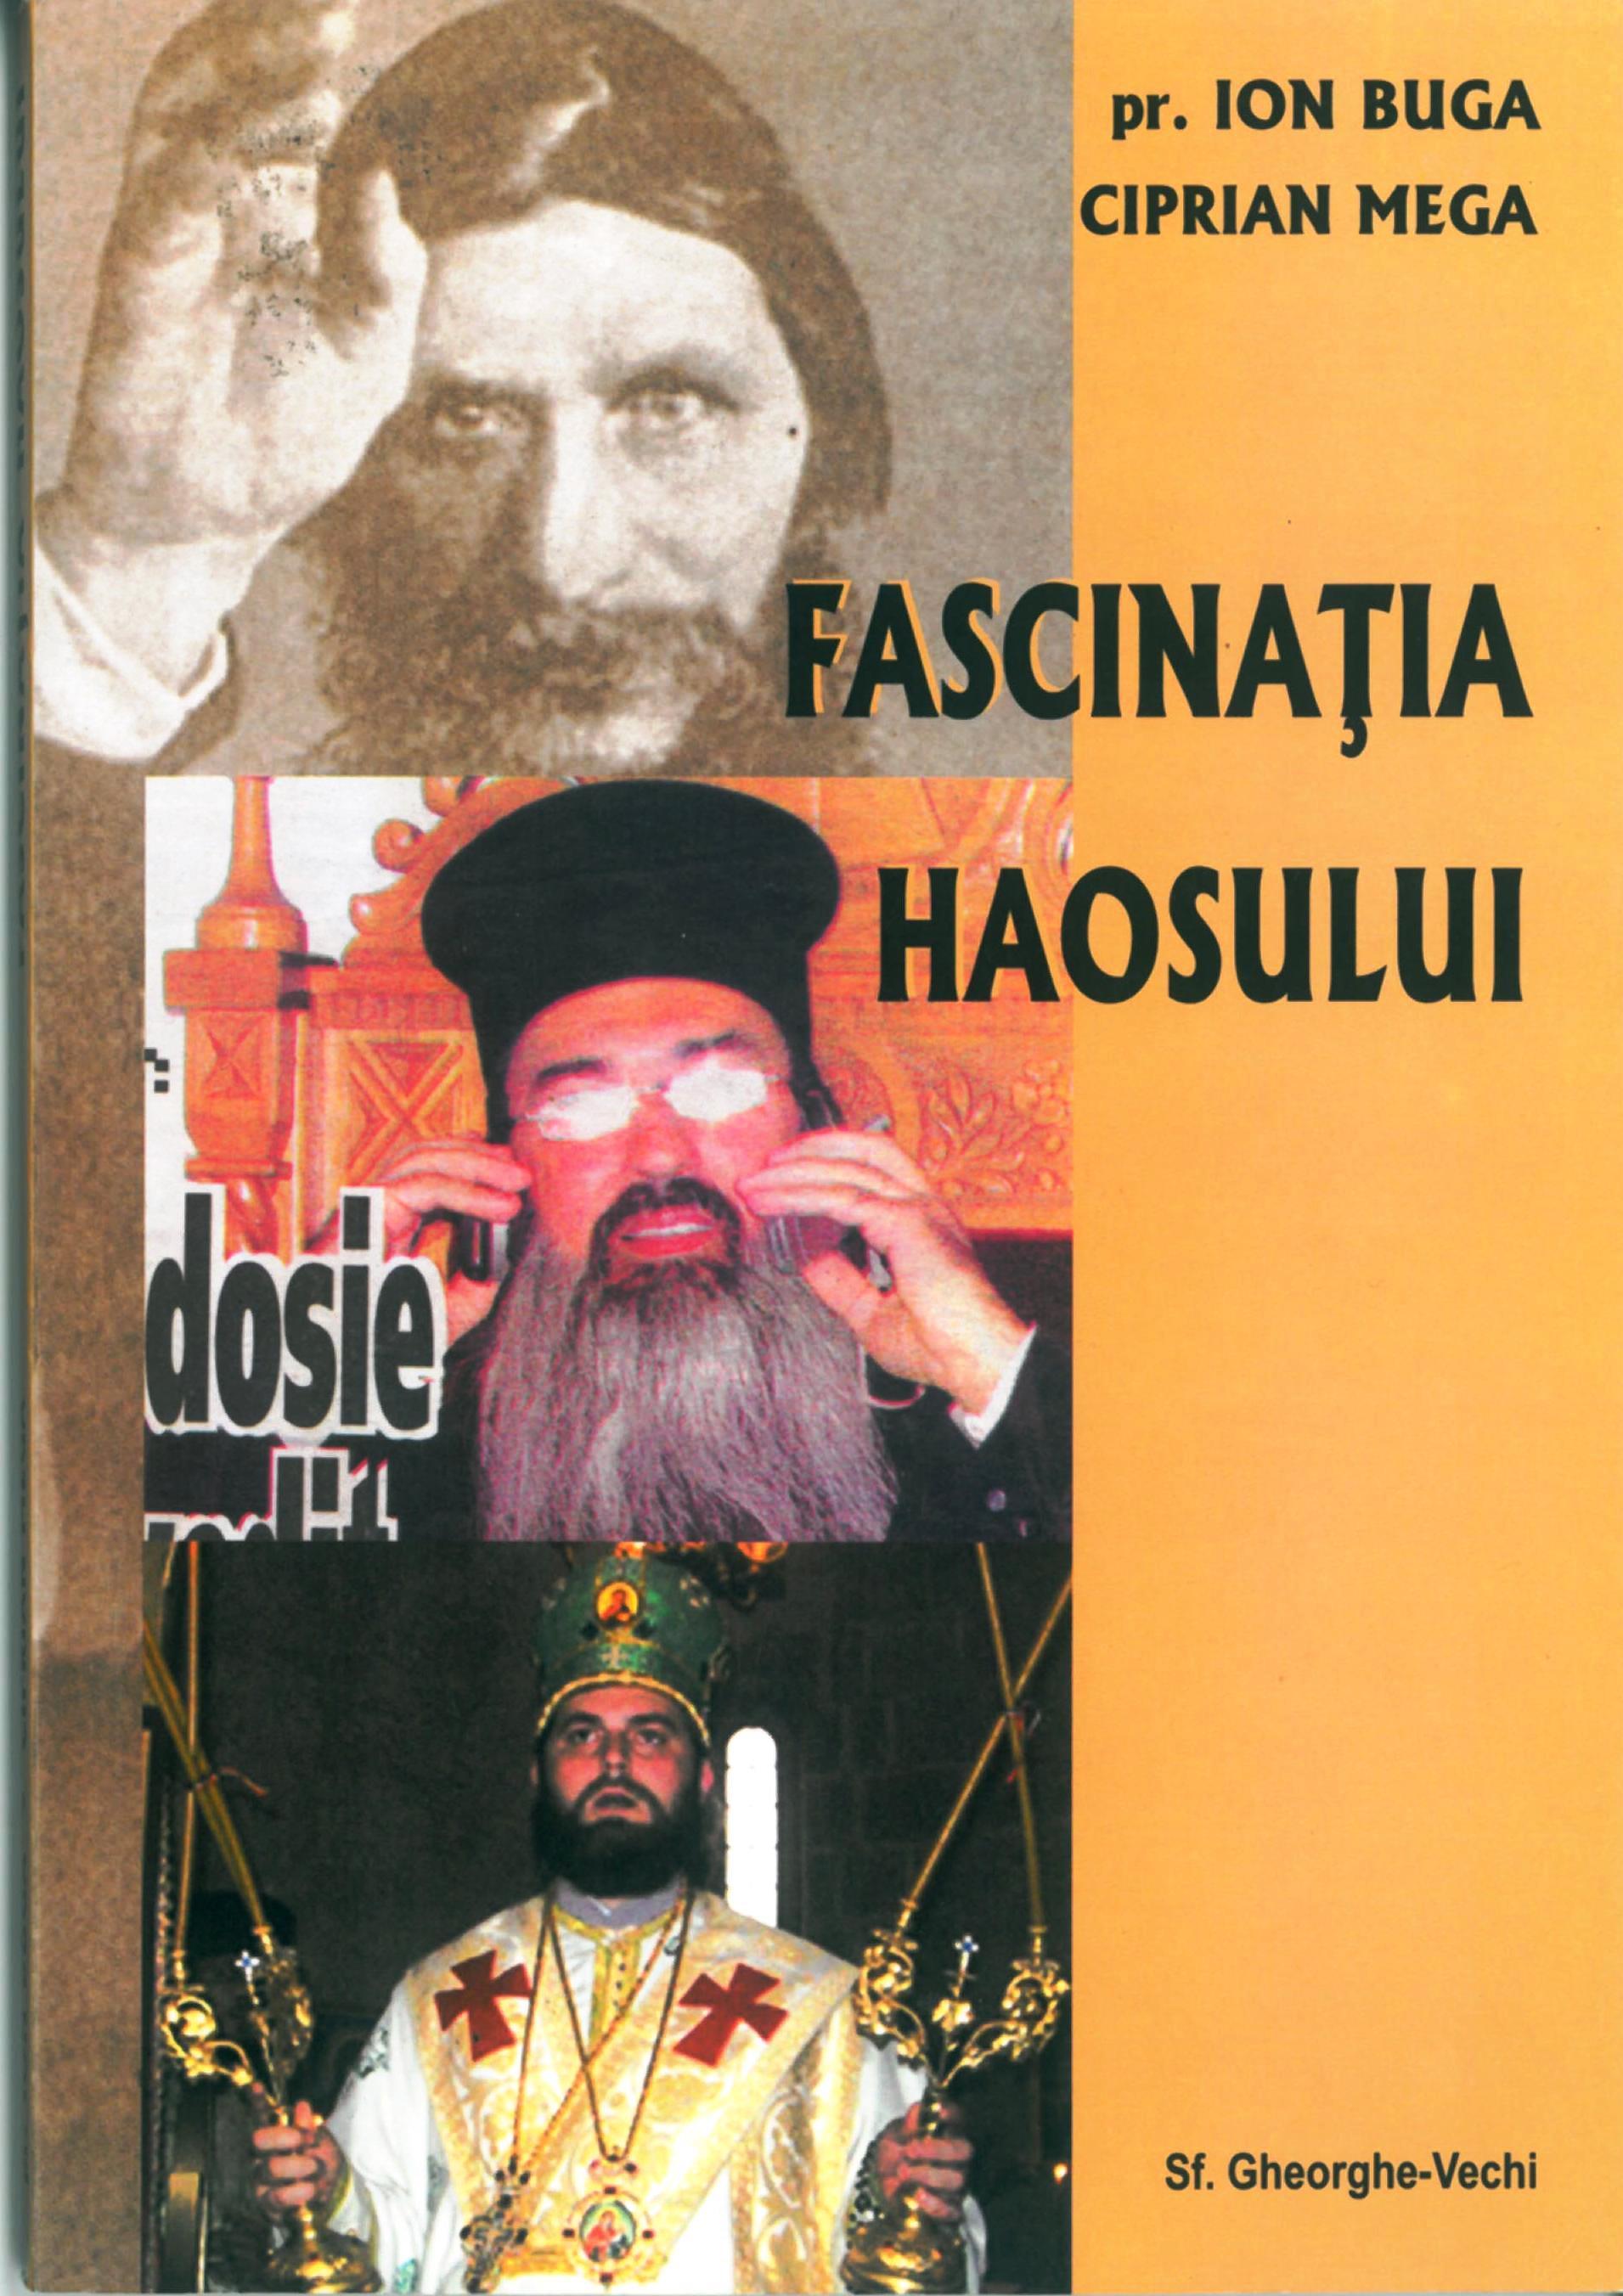 """Coperta cărții """"Fascinația haosului"""""""